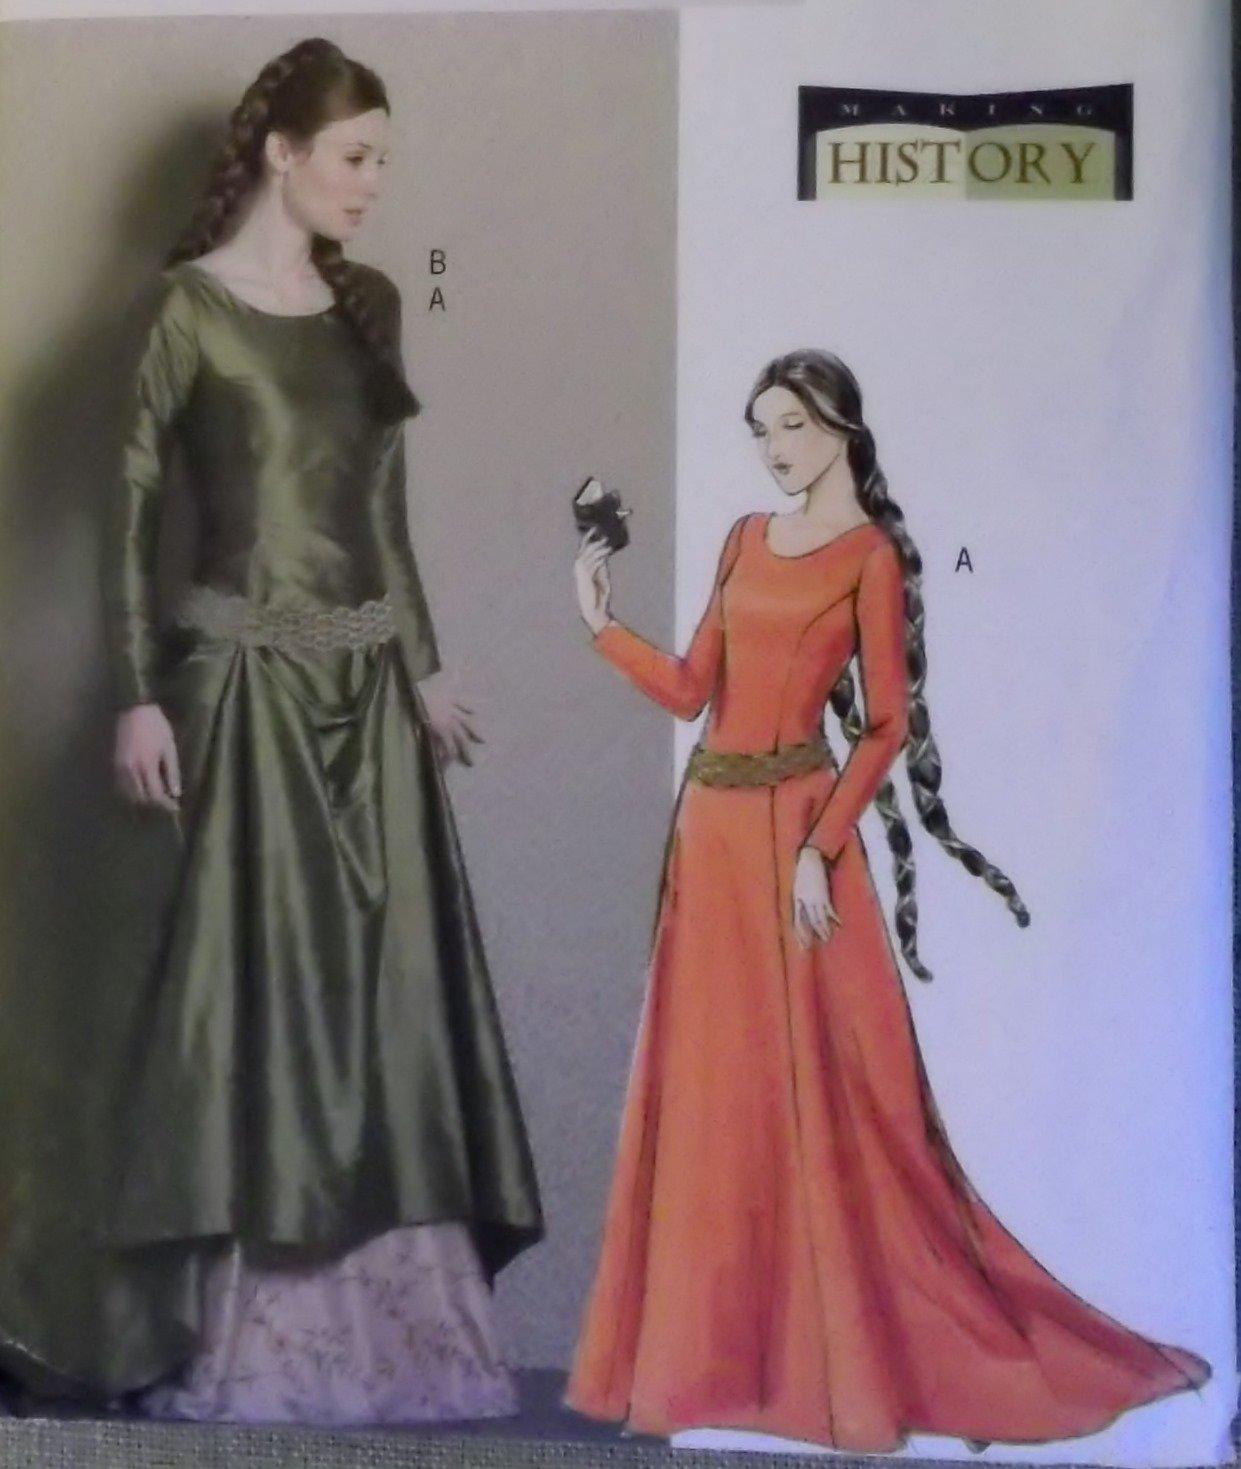 Butterick B 4827 Misses Medieval Dress & Belt Costumes Pattern, plus Size 14 to 20, Uncut